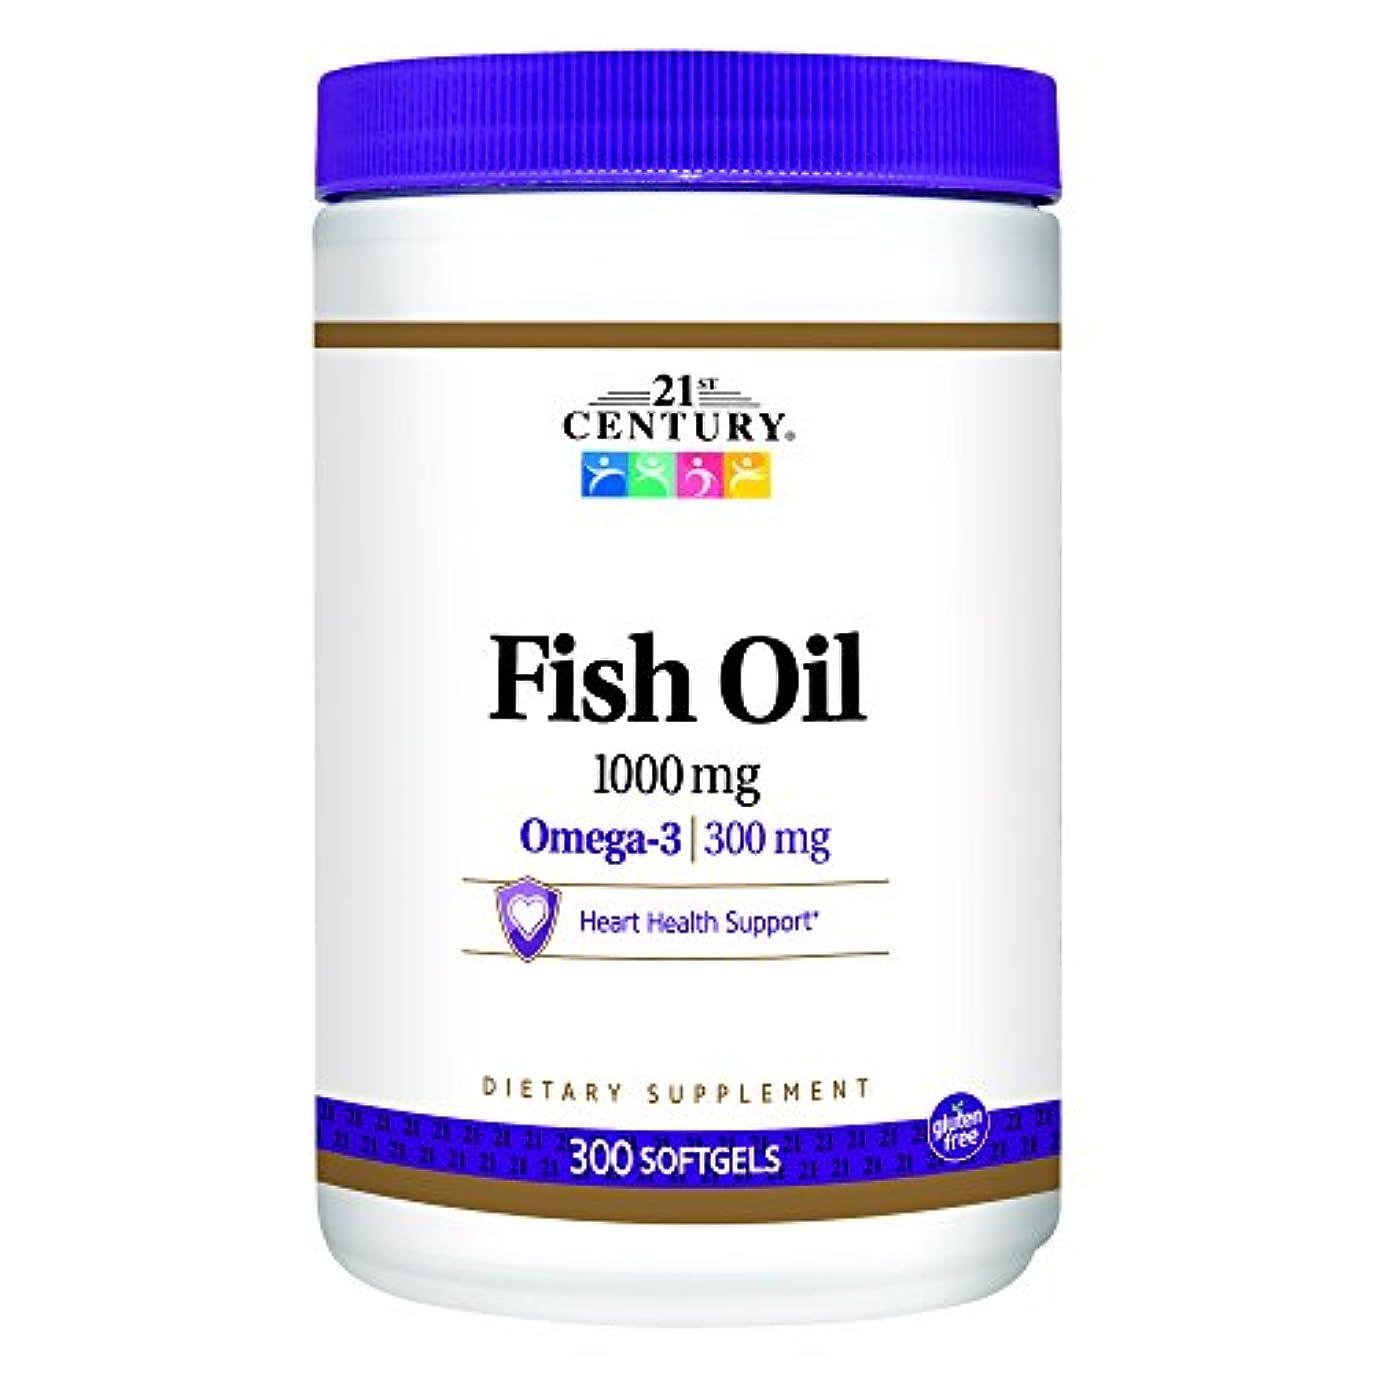 メッセージ議題気まぐれな21st Century Health Care, Fish Oil, Omega-3, 1000 mg, 300 Softgels